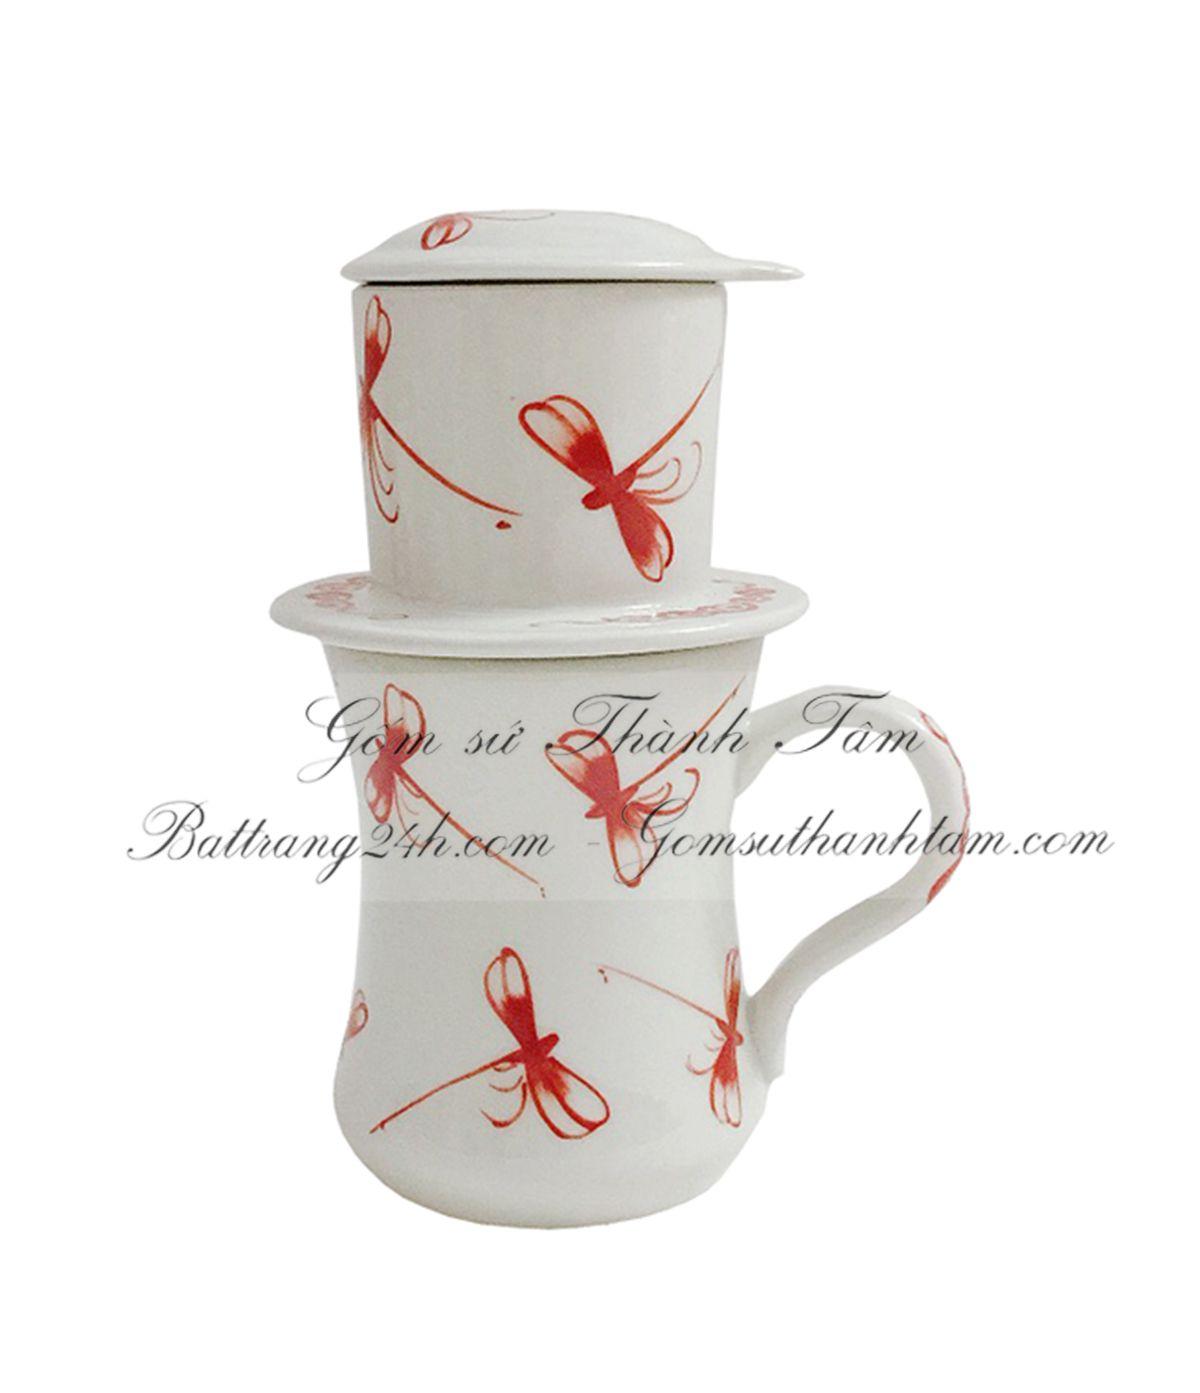 Cung cấp bán buôn tận gốc, bộ phin pha coffee gốm sứ Bát Tràng chất lượng loại cao 13 cm, dung tích ly café lớn 350ml